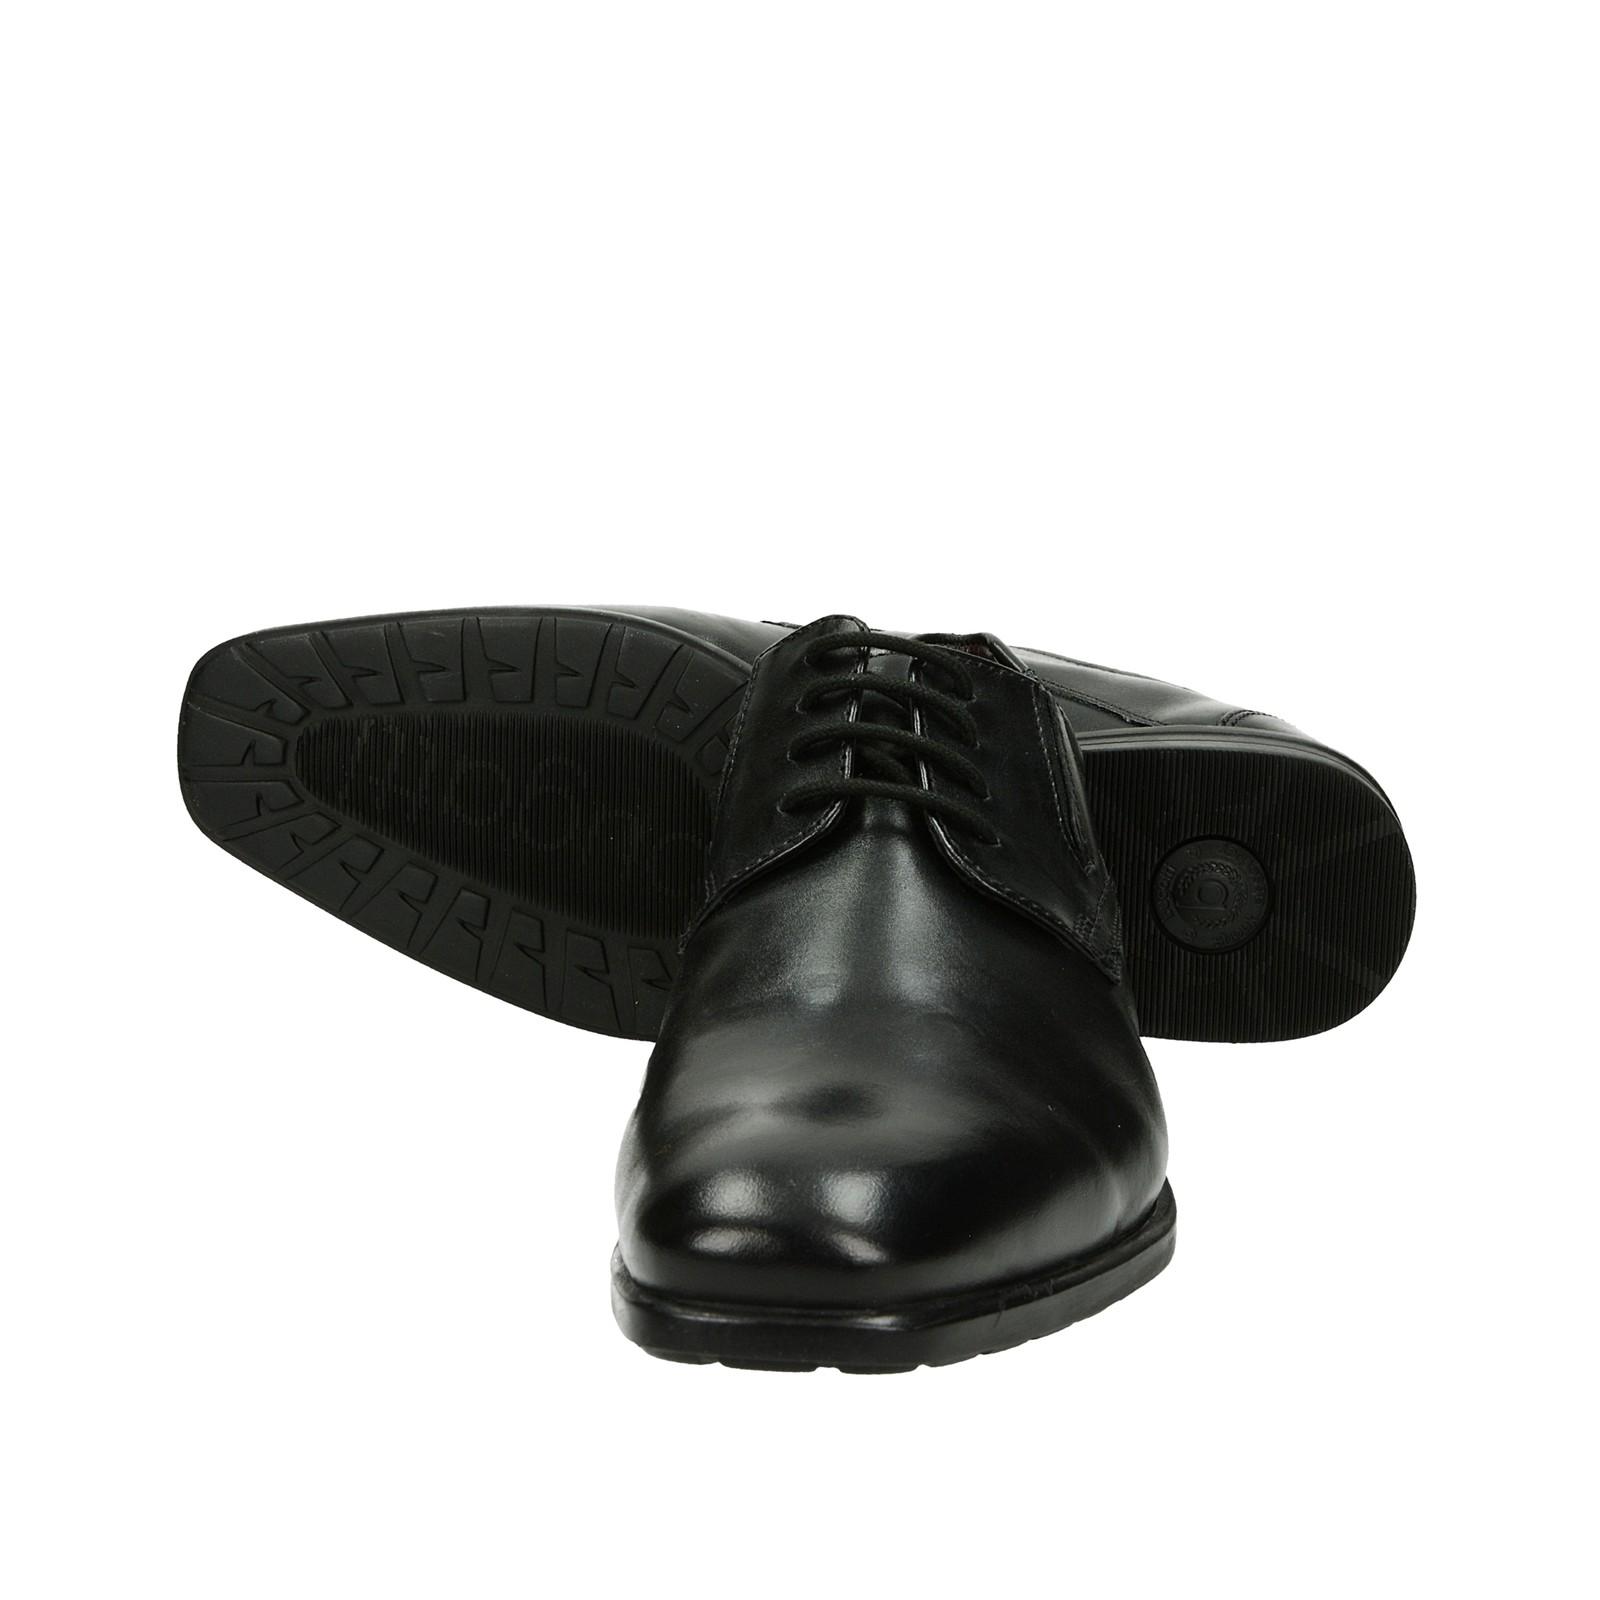 ... Bugatti pánske kožené spoločenské topánky - čierne ... 3d55d8e9196